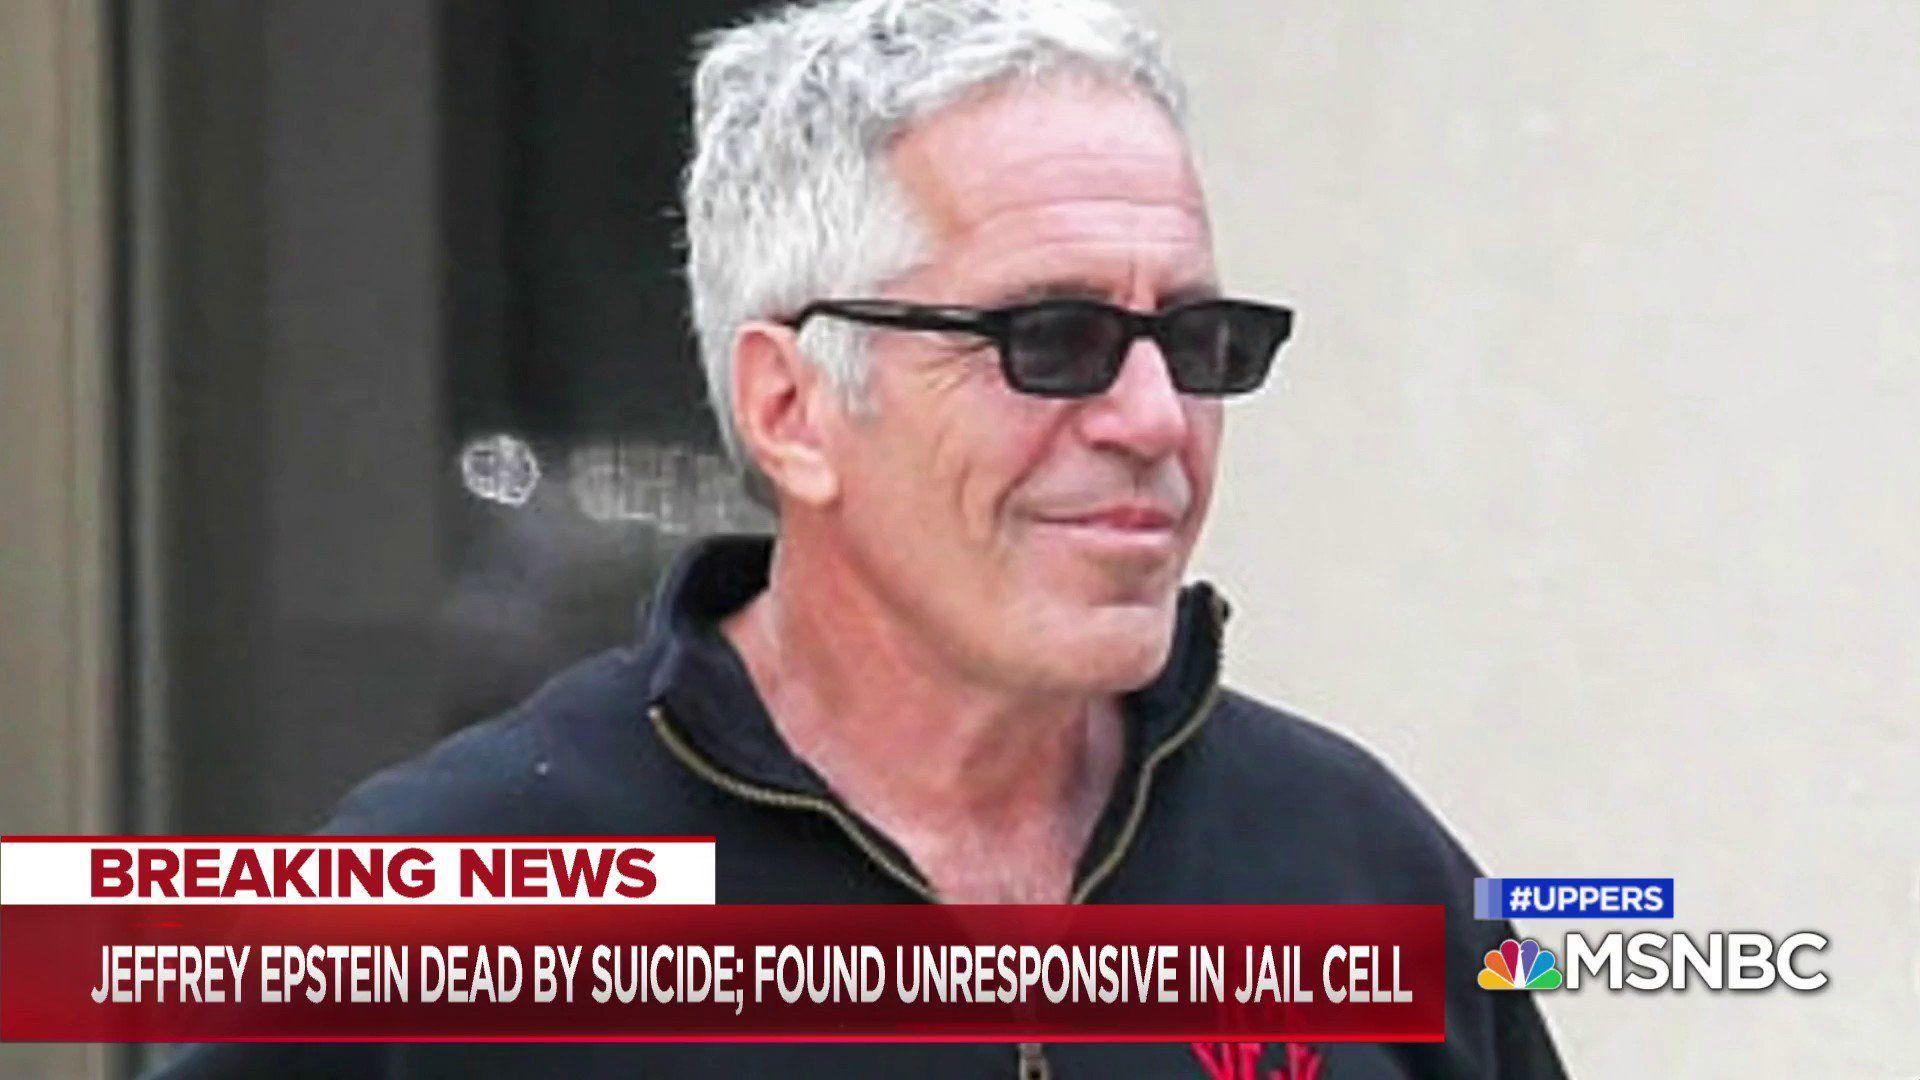 El millonario estadounidense Jeffrey Epstein se suicidó en prisión